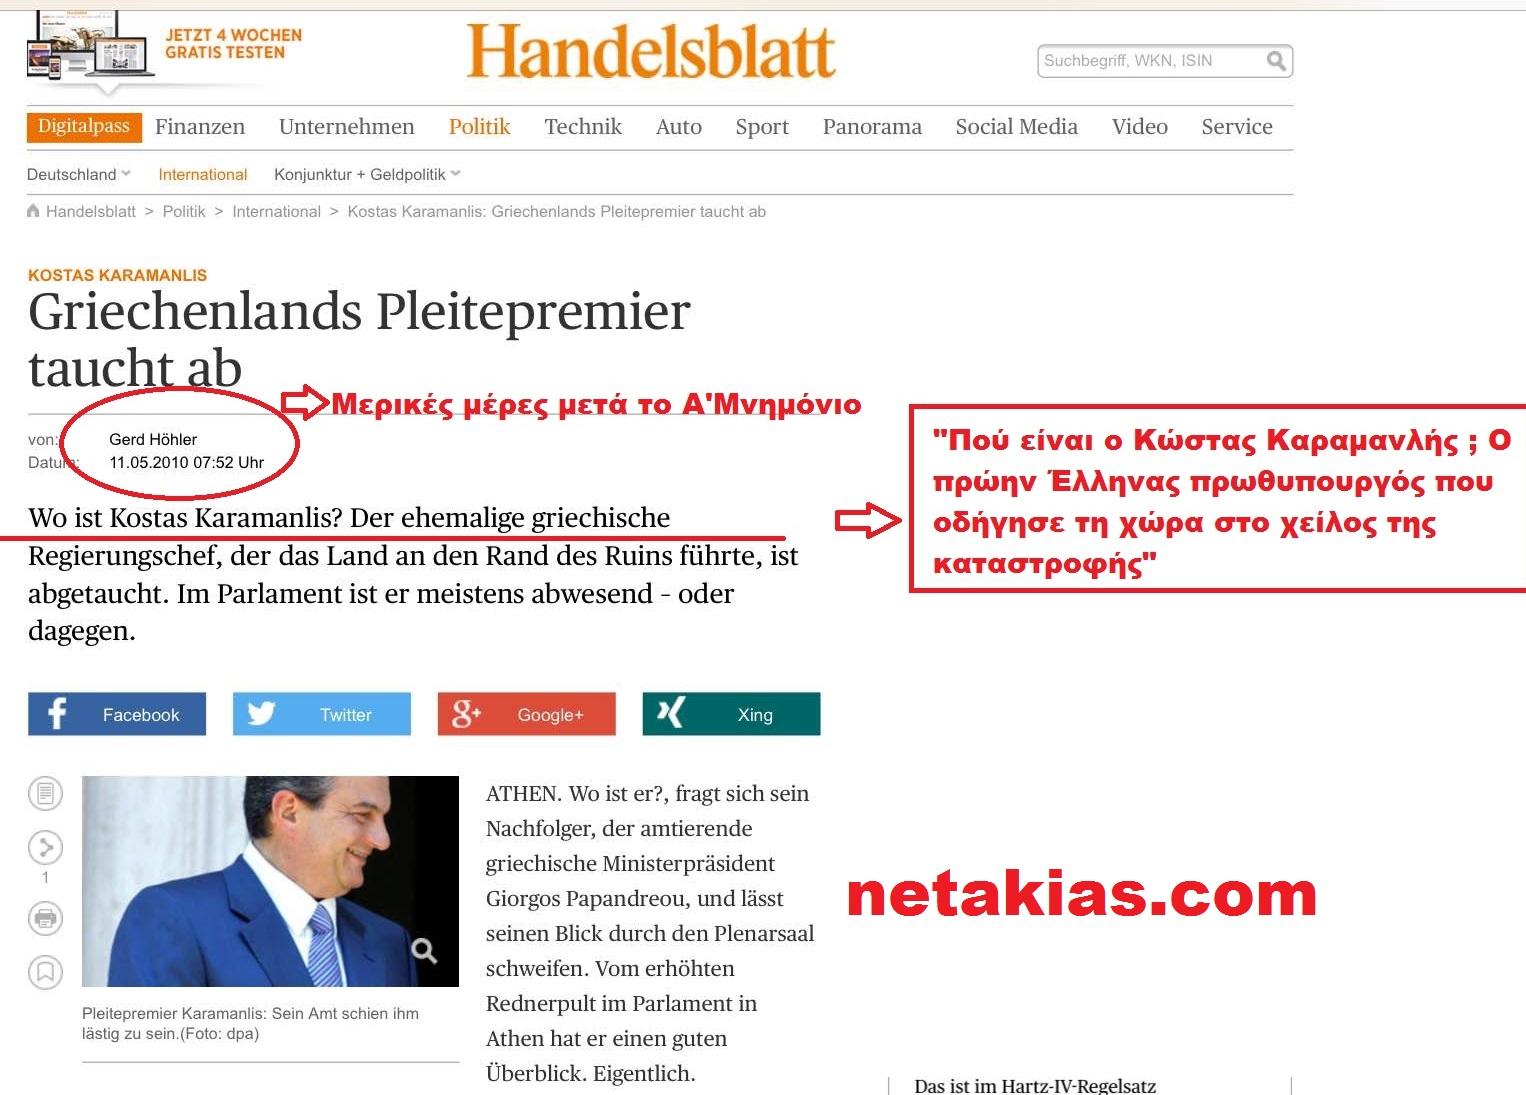 ΑΠΟΚΑΛΥΨΗ-Αυτός είναι οικονομικός δολοφόνος αρθρογράφος της Handelsblatt εναντίον Καραμανλή και υπερασπιστής του Γεωργίου!